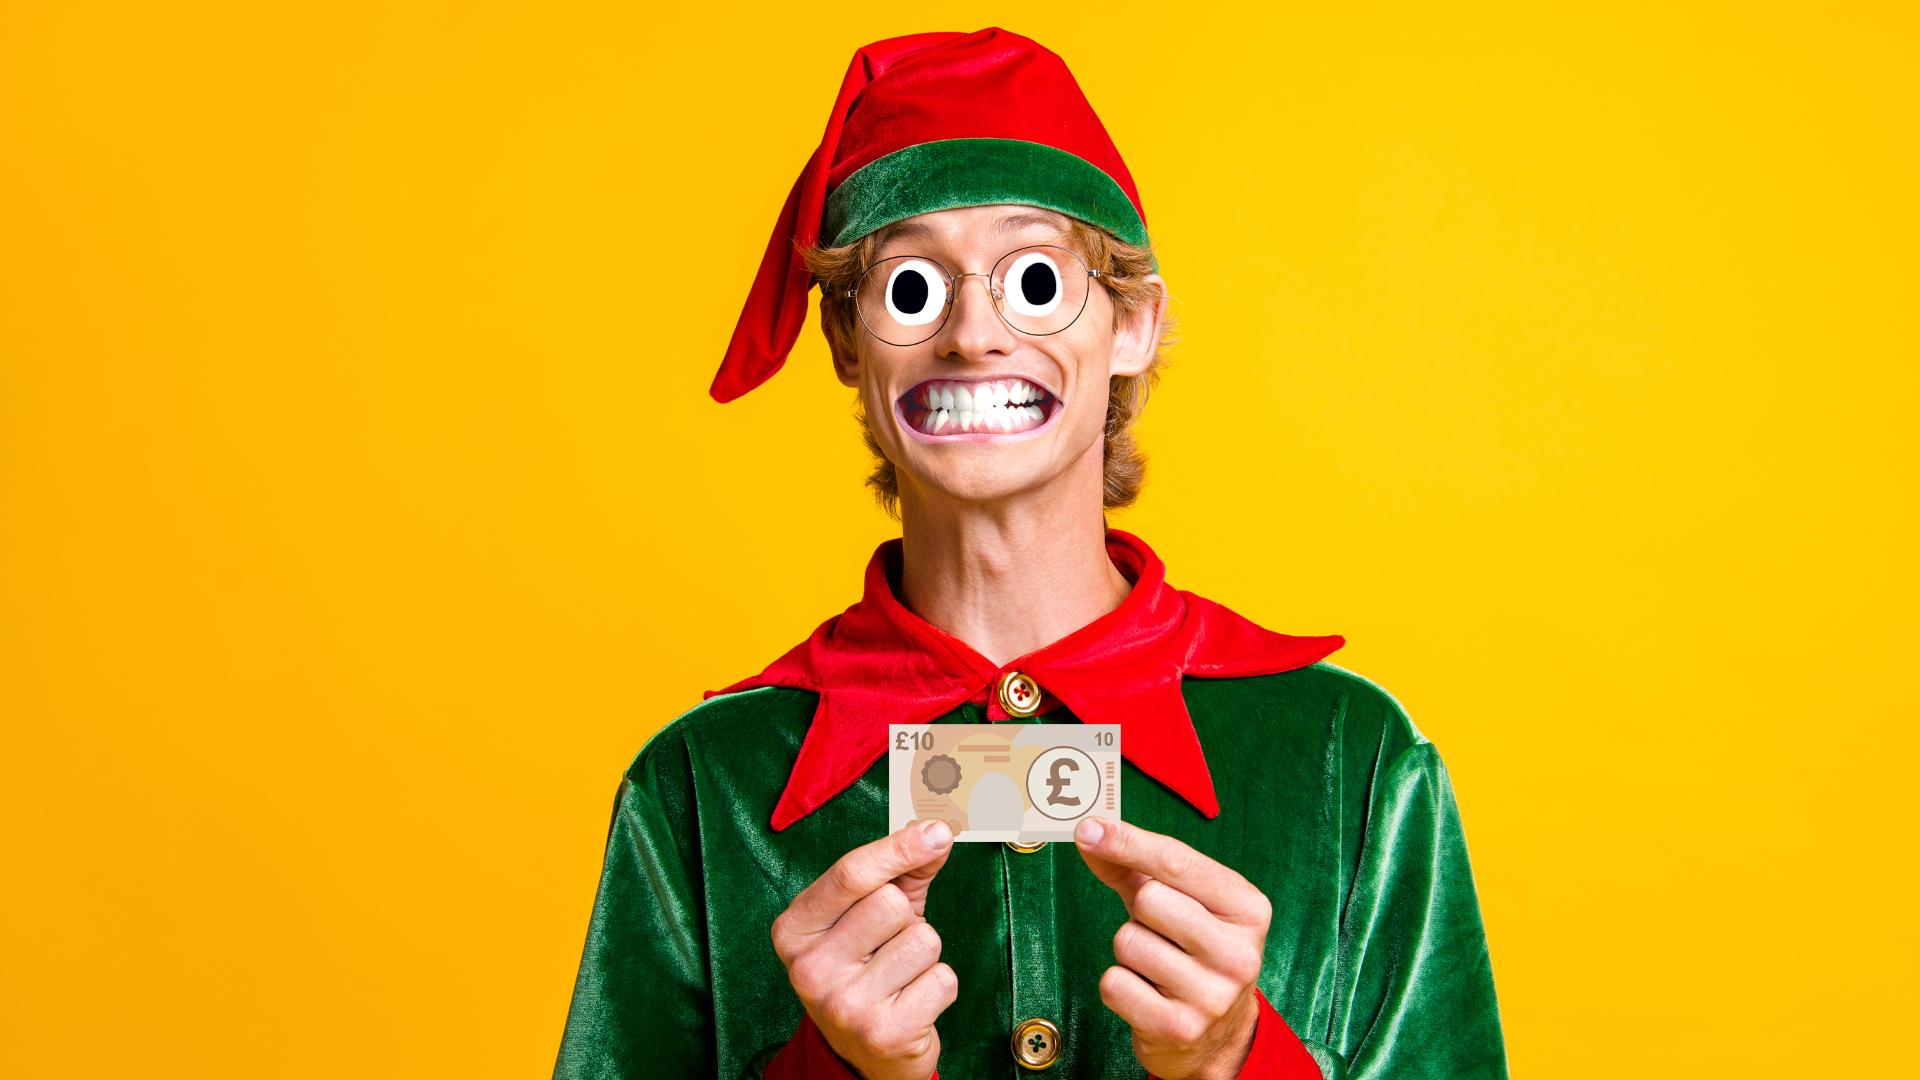 A rich elf